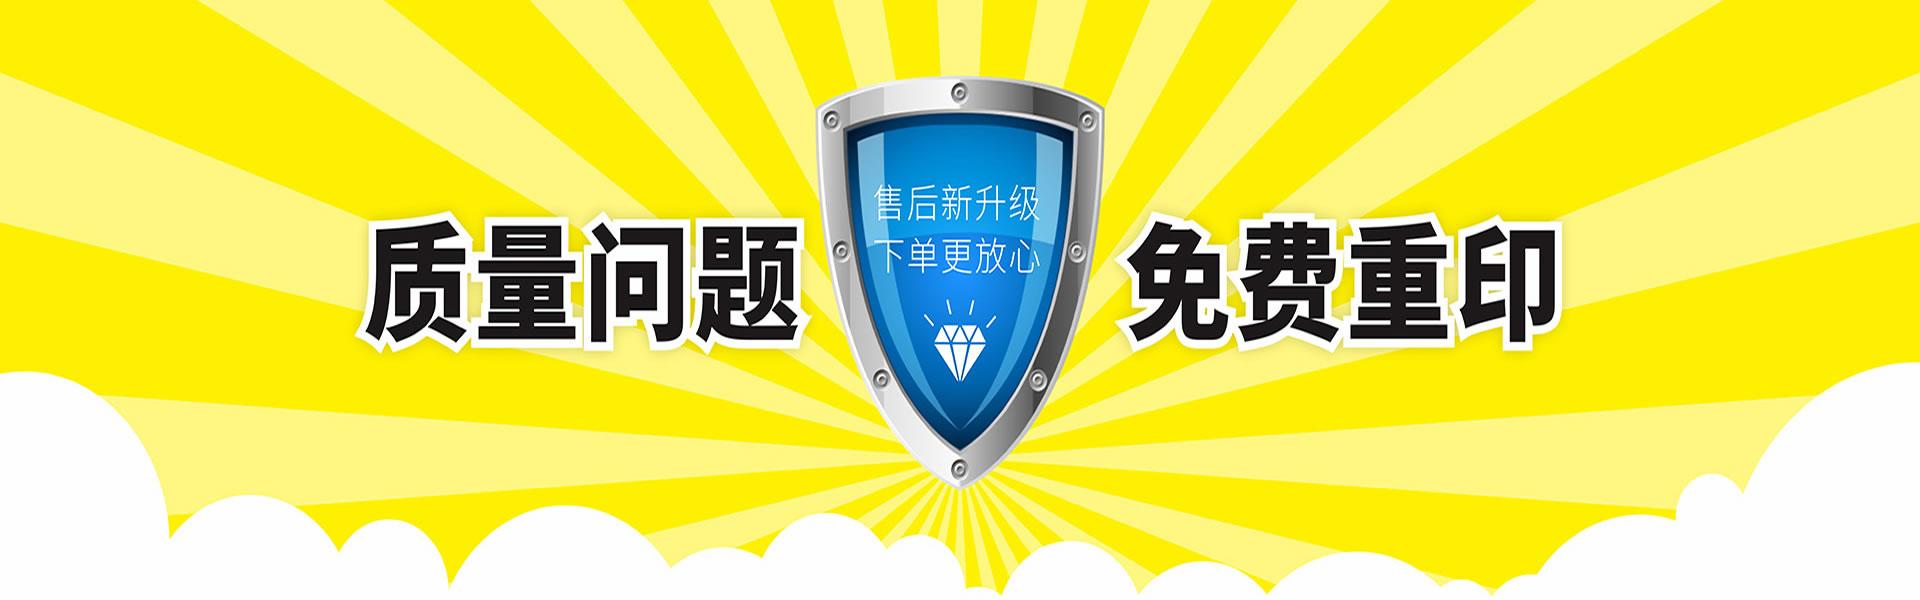 北京快乐8网站-首页_WelcomeZCkW_不干胶标签生产厂家